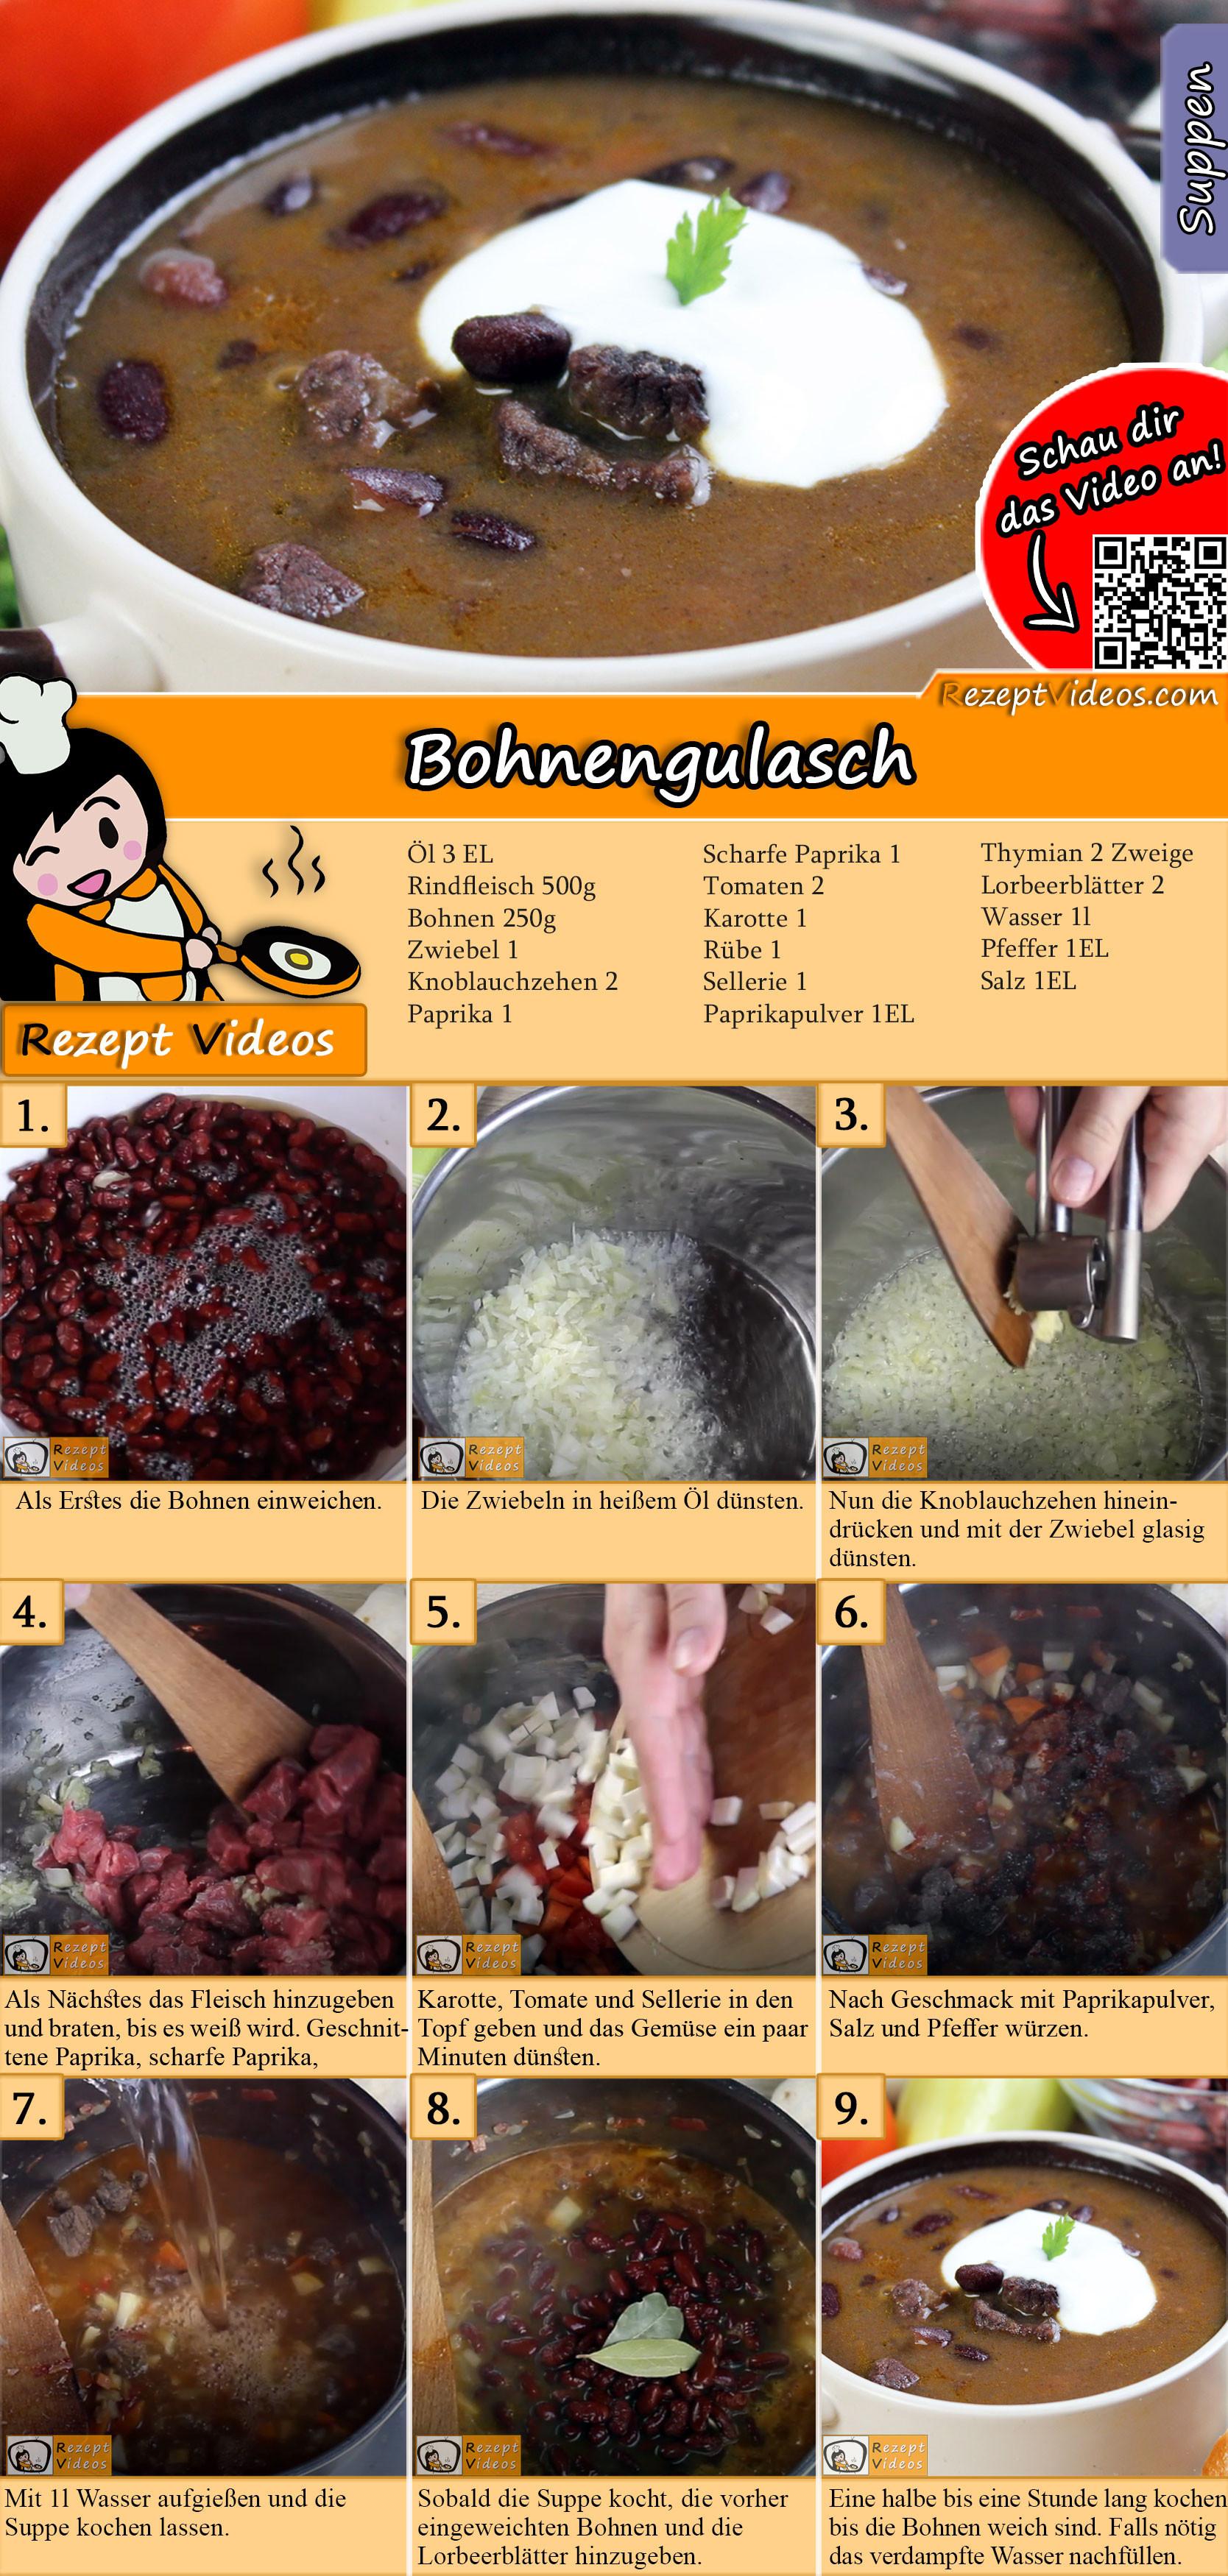 Bohnengulasch Rezept mit Video